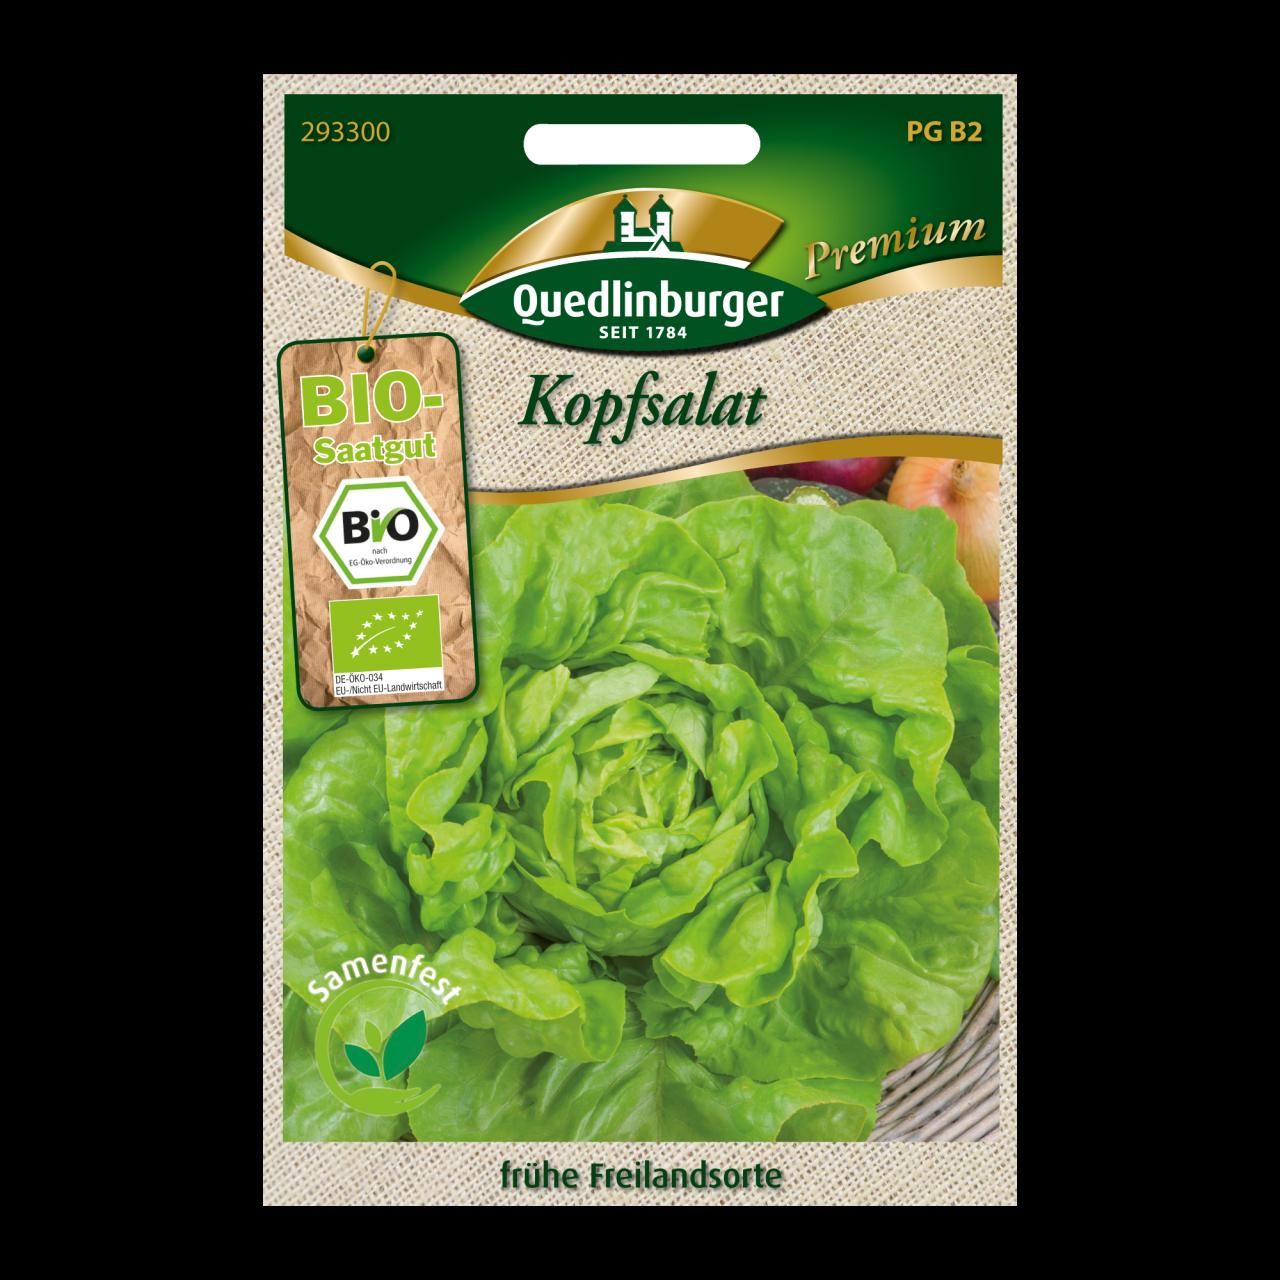 Quedlinburger Saatgut Kopfsalat Vorderseite